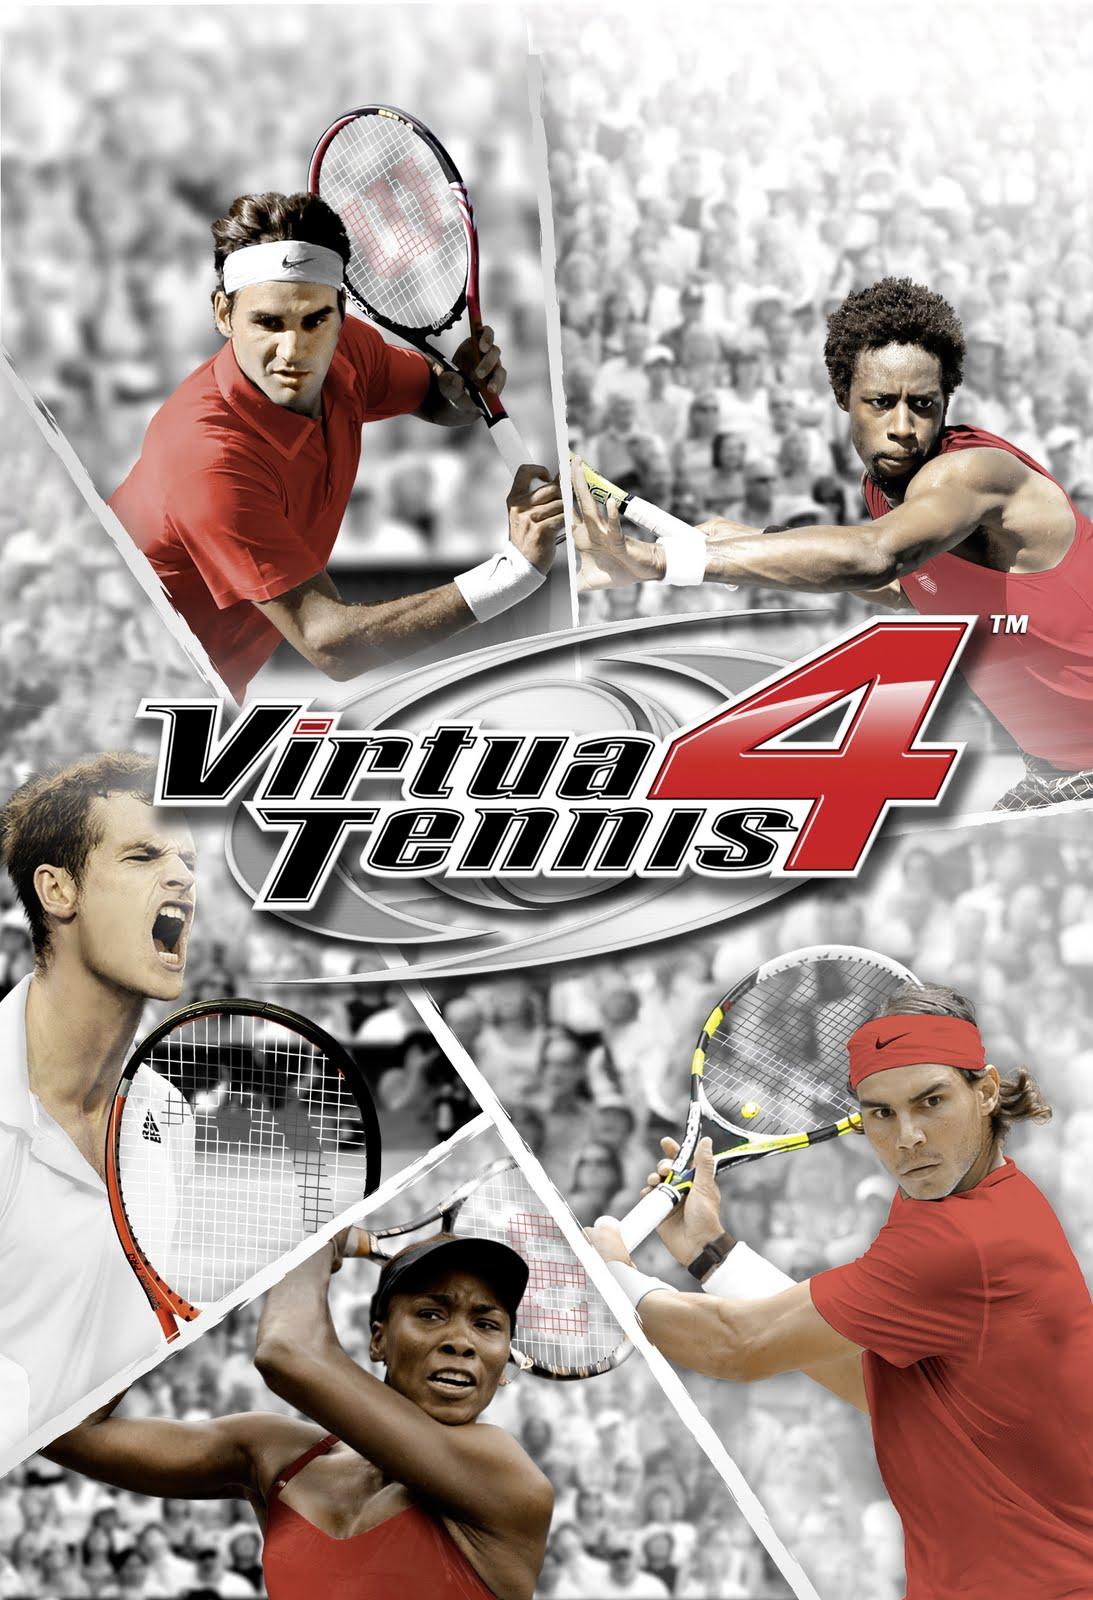 Virtua Tennis 4 Psp